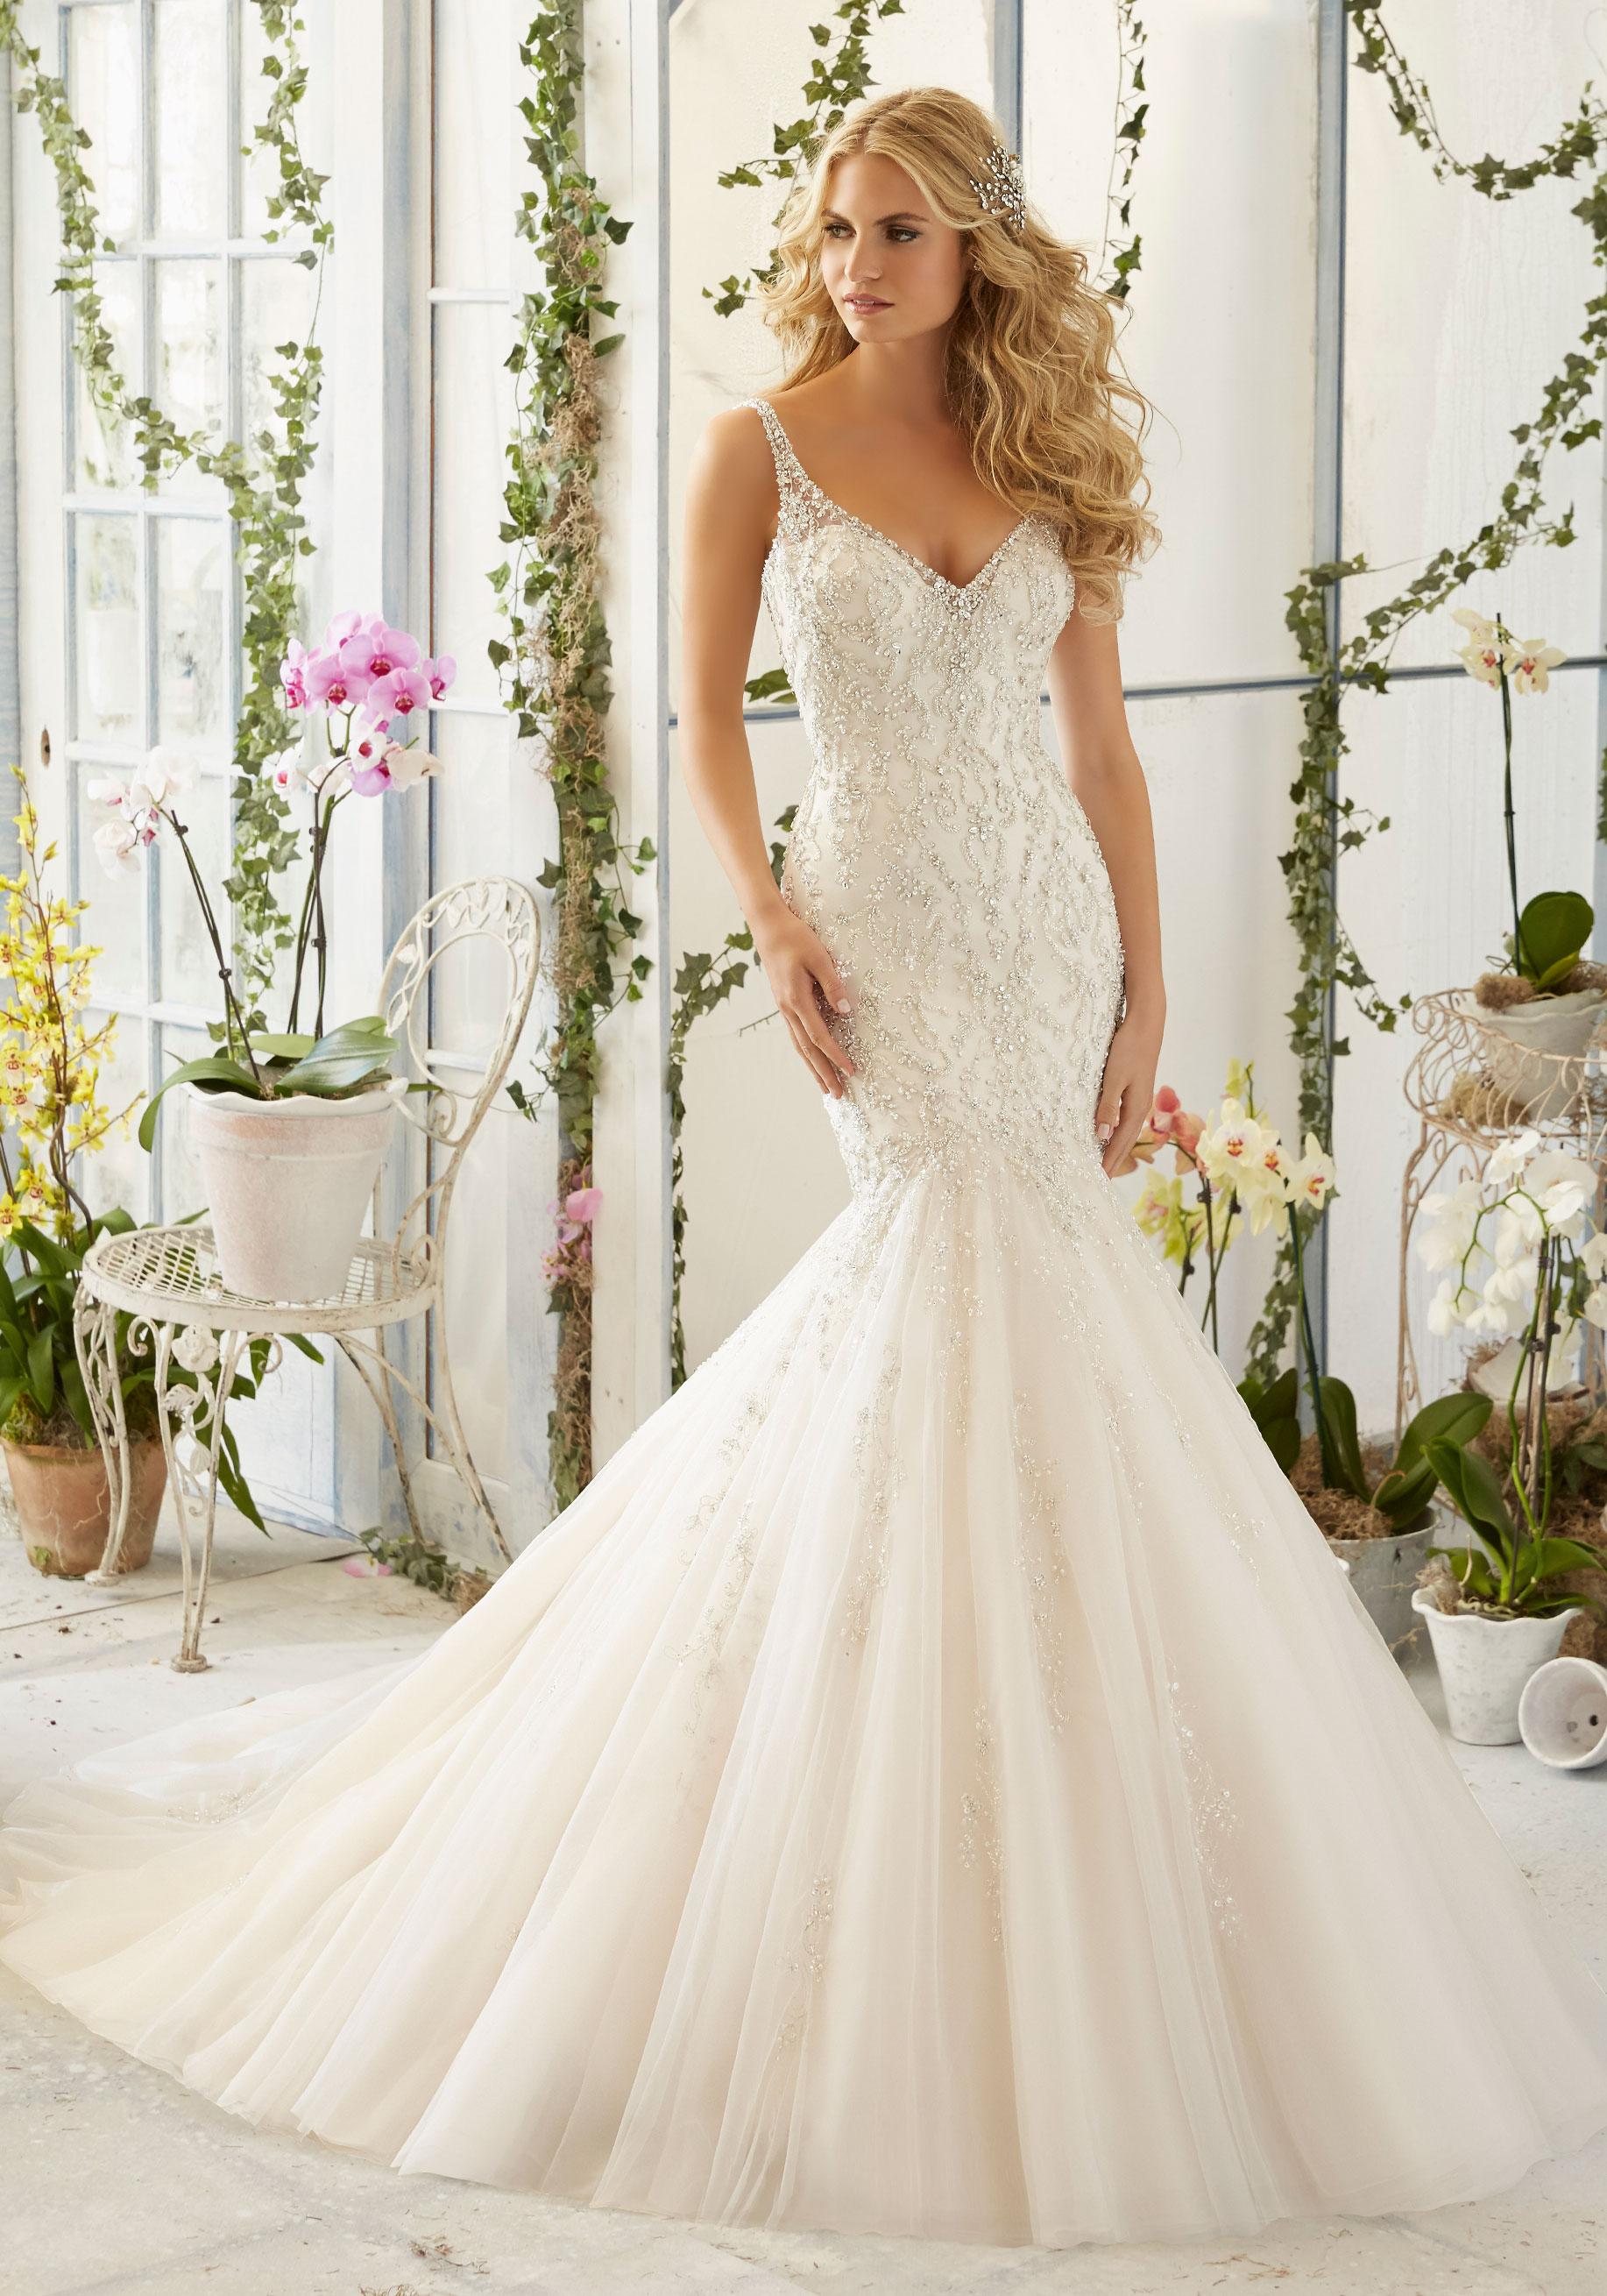 mori lee wedding dresses intricate crystal beaded embroidery on tulle mermaid morilee bridal wedding  dress hjemruh